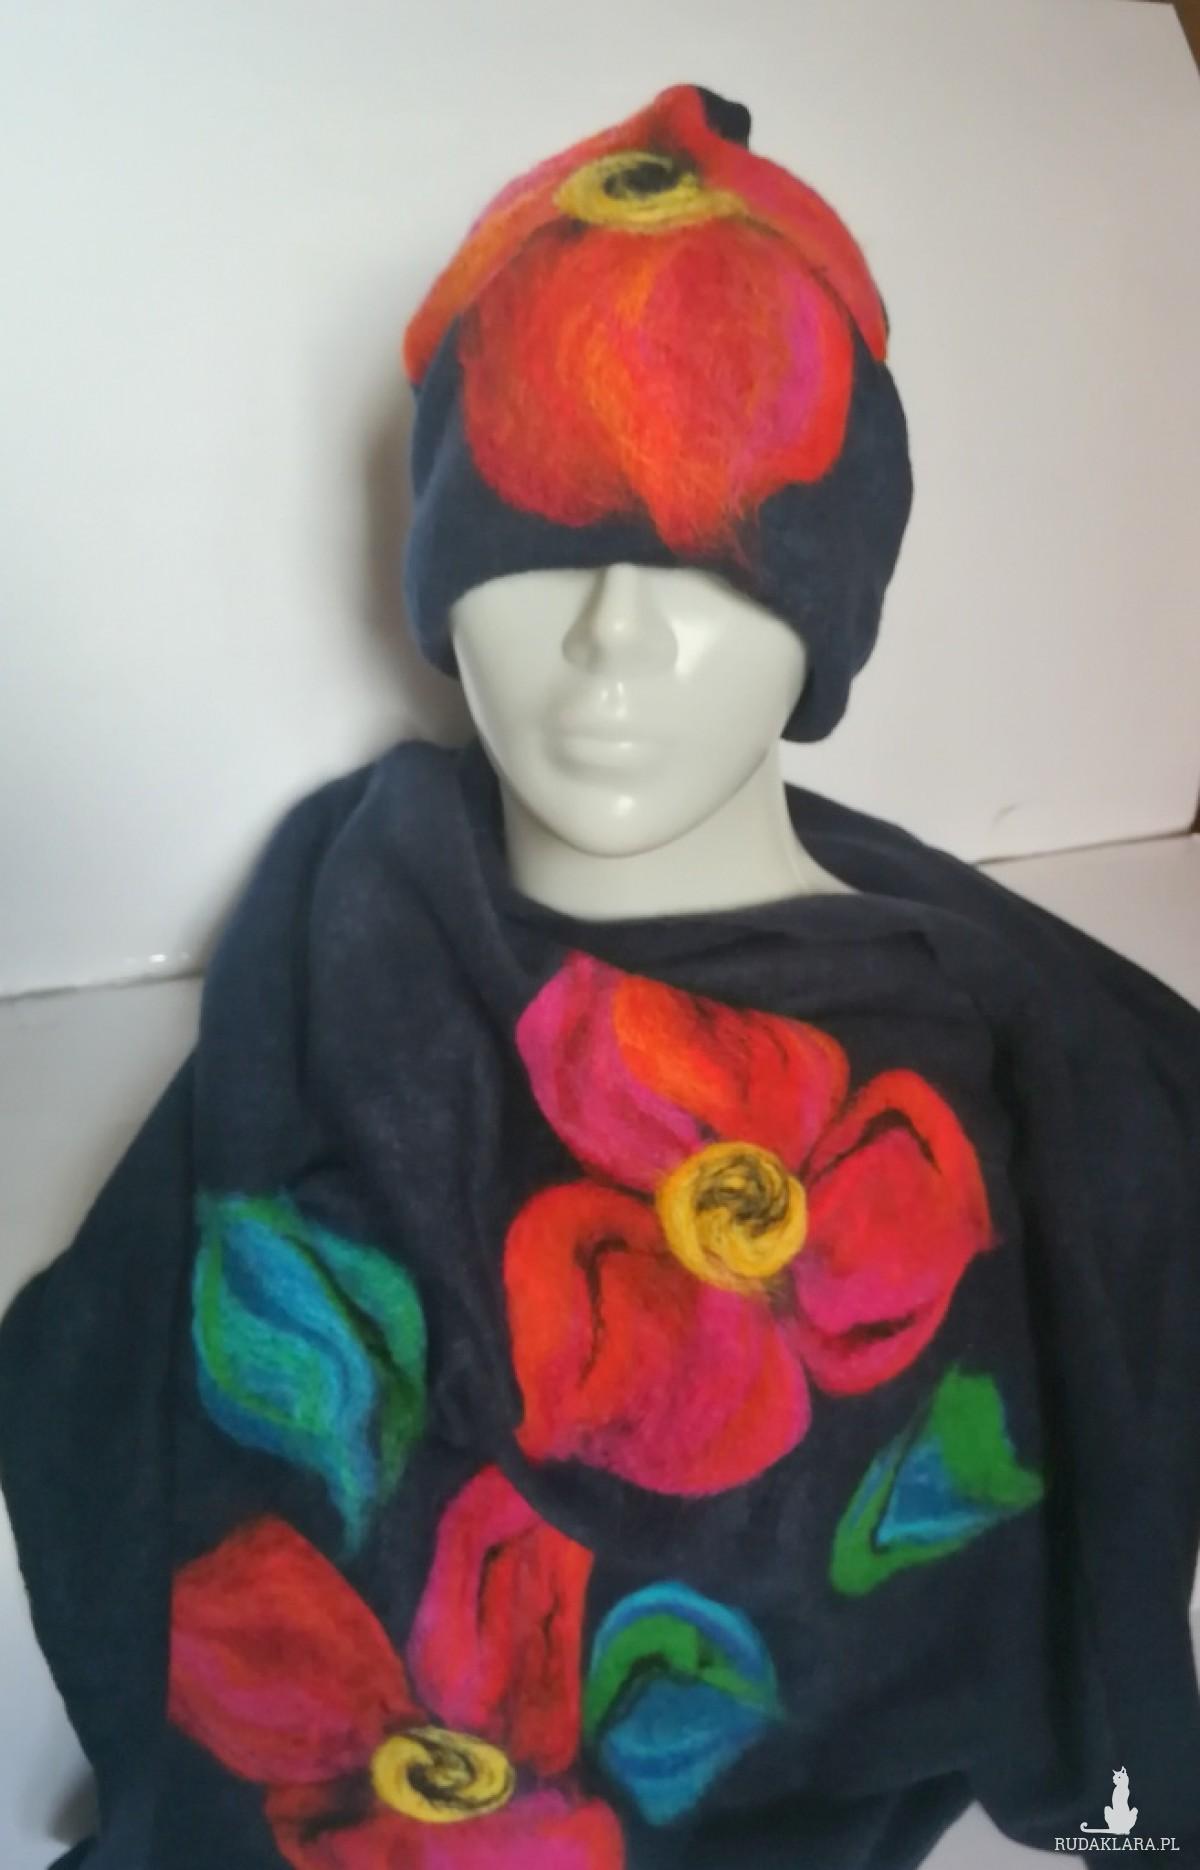 komplet wełniany granatowy wełna merynosy kwiaty - wełna z kwiatami zachwyca godzinami- czapka wełniana obwód 59-61cm, miękka, miła na podszewce, komin wełniany, komplet filcowany wełną meryn